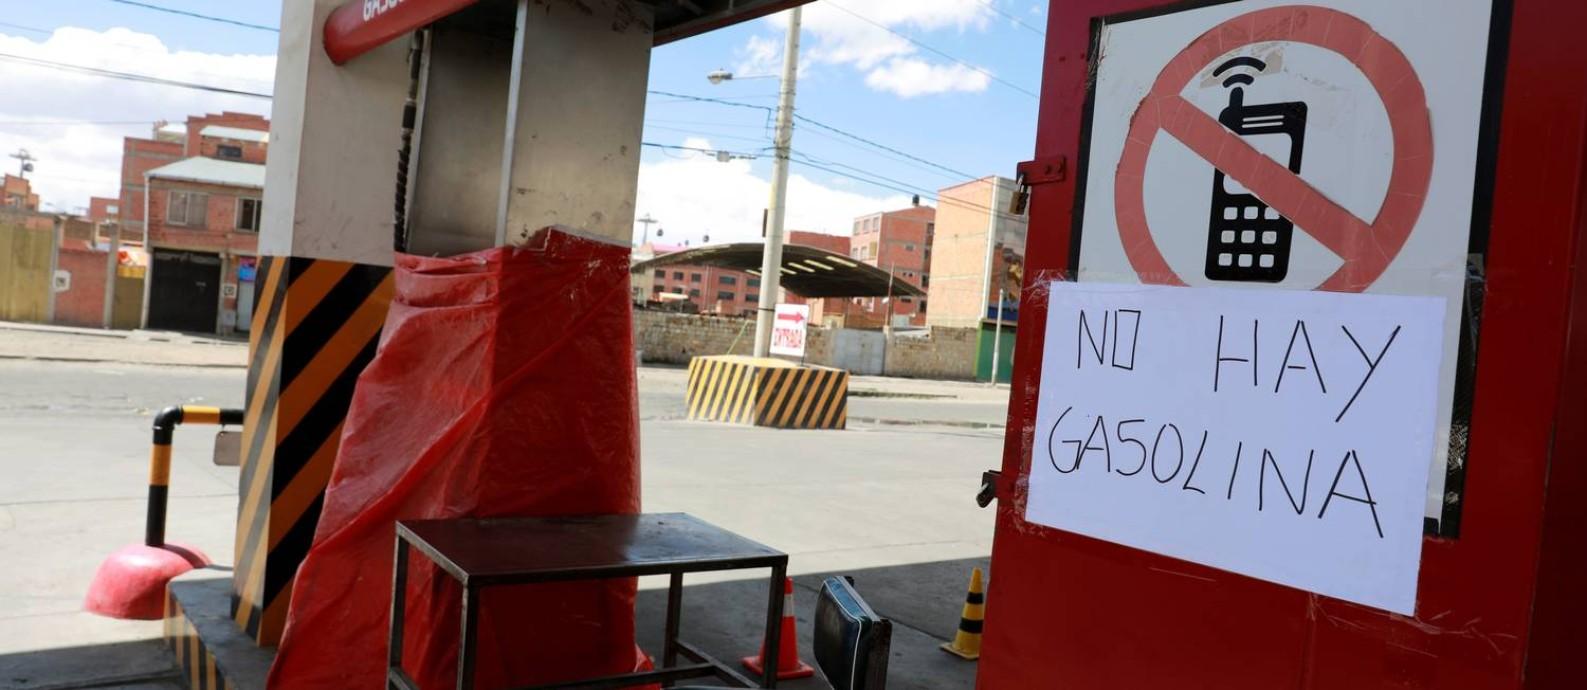 Cartaz avisa que não há combustível em posto na cidade de El Alto, próxima a La Paz. A cena se repetiu em várias cidades bolivianas neste domingo Foto: HENRY ROMERO / REUTERS